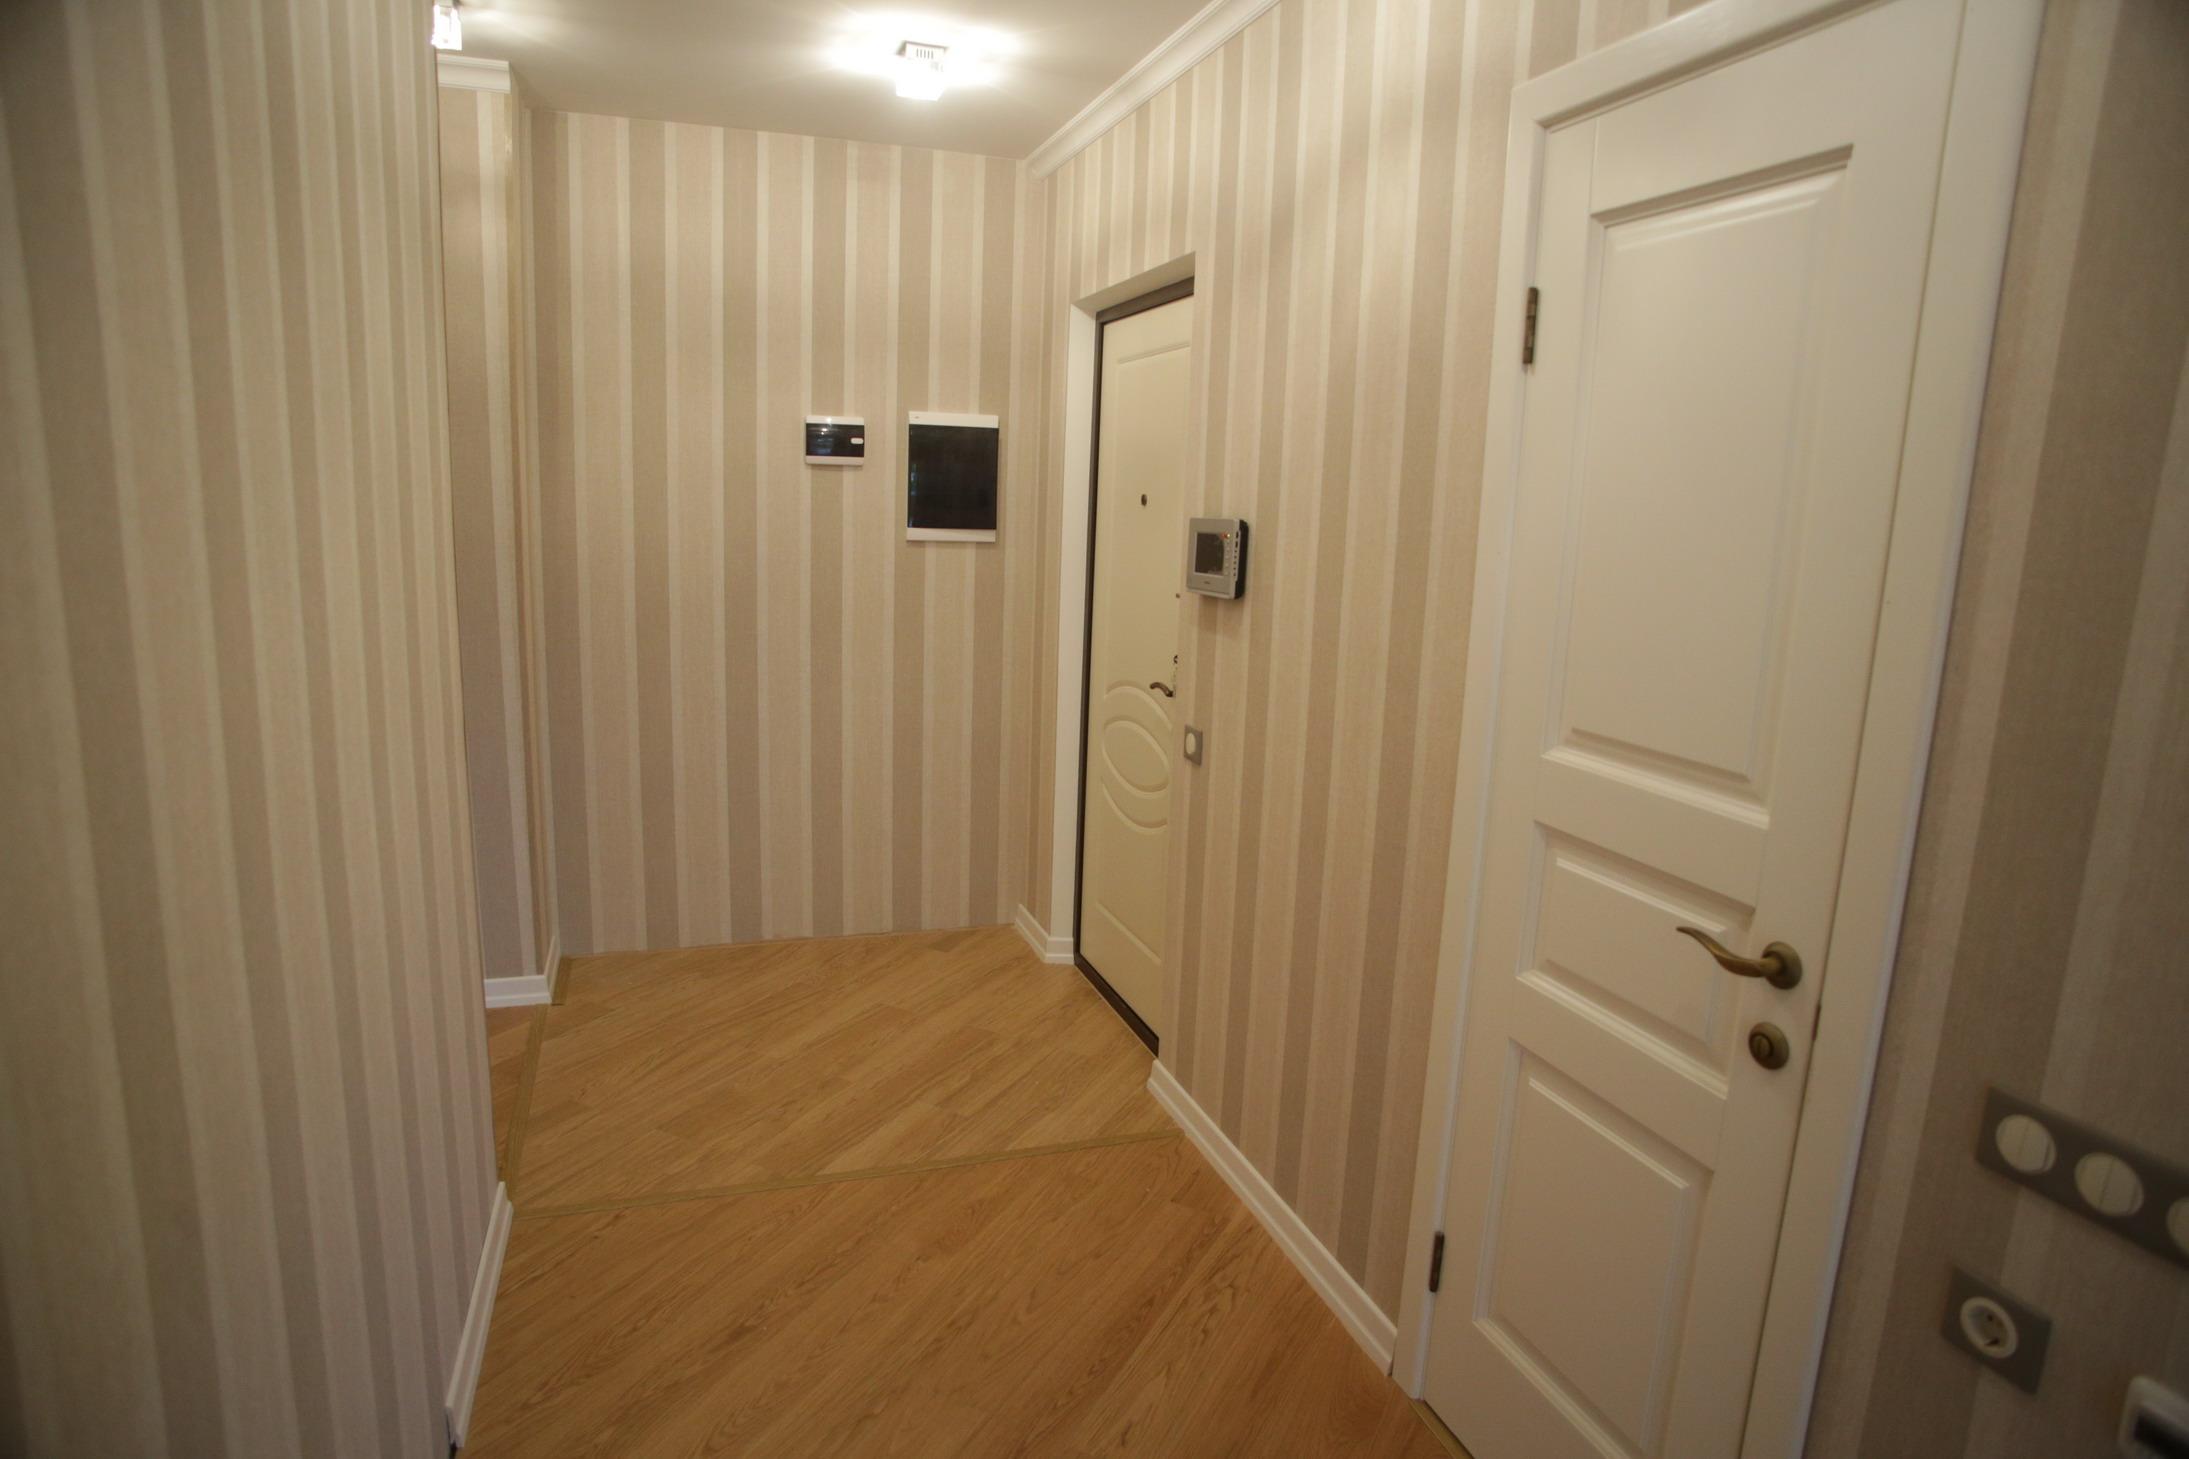 Ремонт и перепланировка 1 комнатной квартиры до после